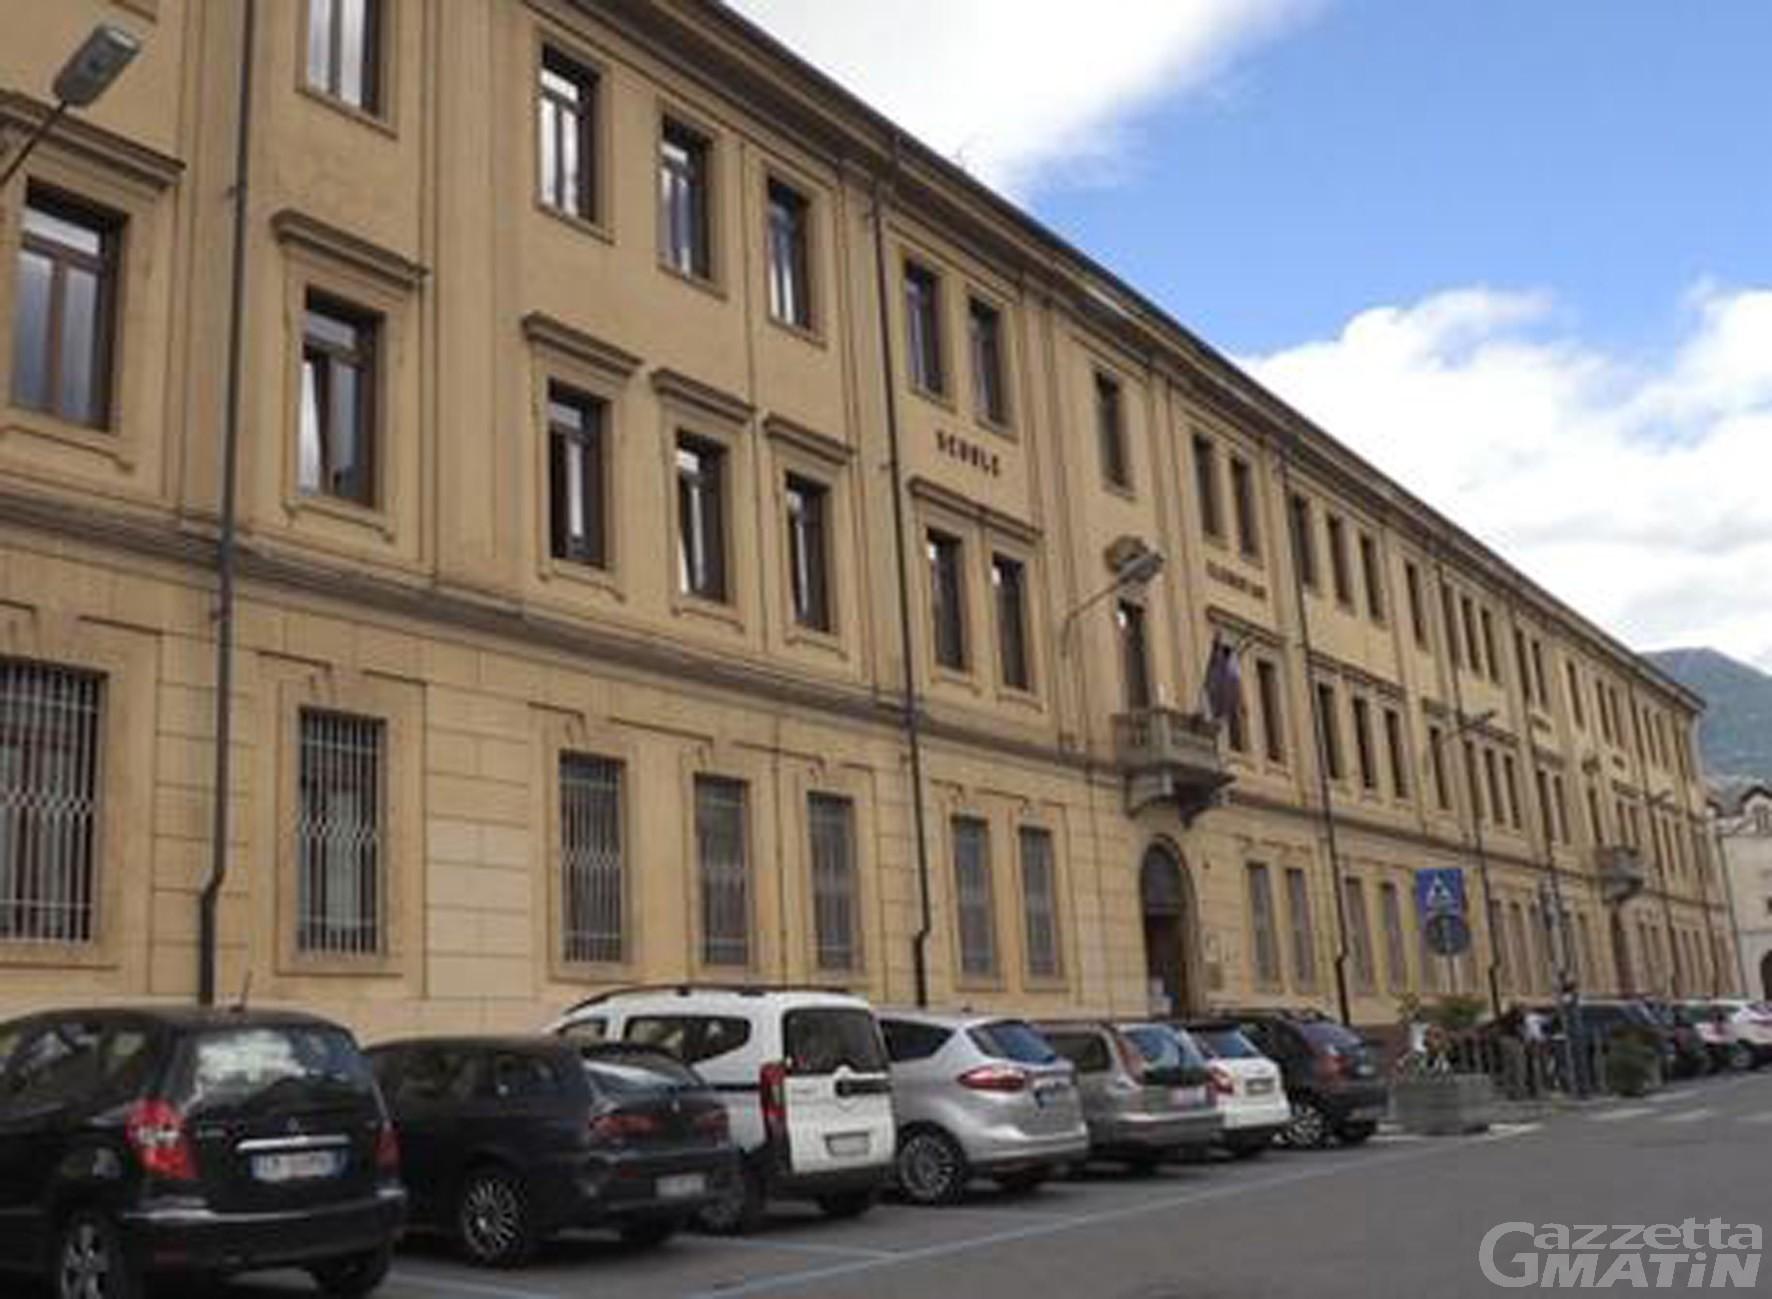 Aosta: 20 maestri rifiutano il tampone, studenti costretti tornare a casa. La Regione presenta esposto